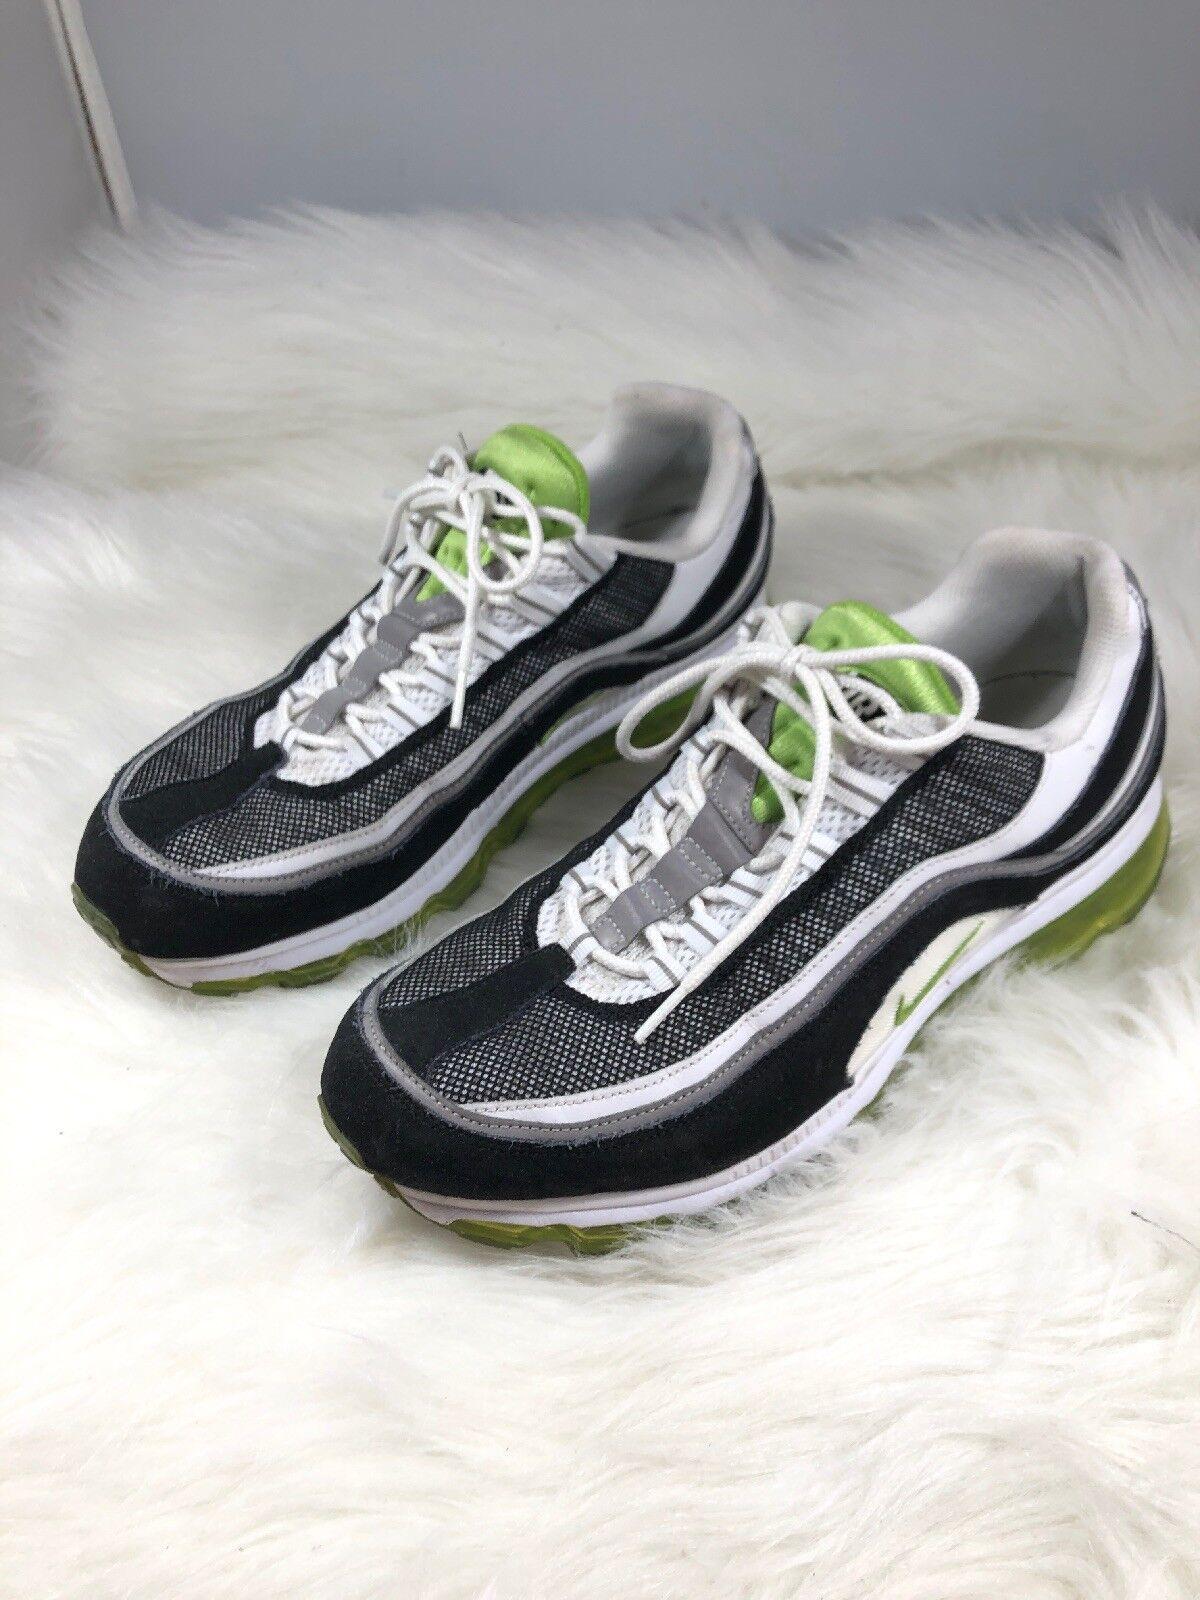 Nike Air Max White Green Black Metallic Silver 397252-102 Mens Sz 12 H1e